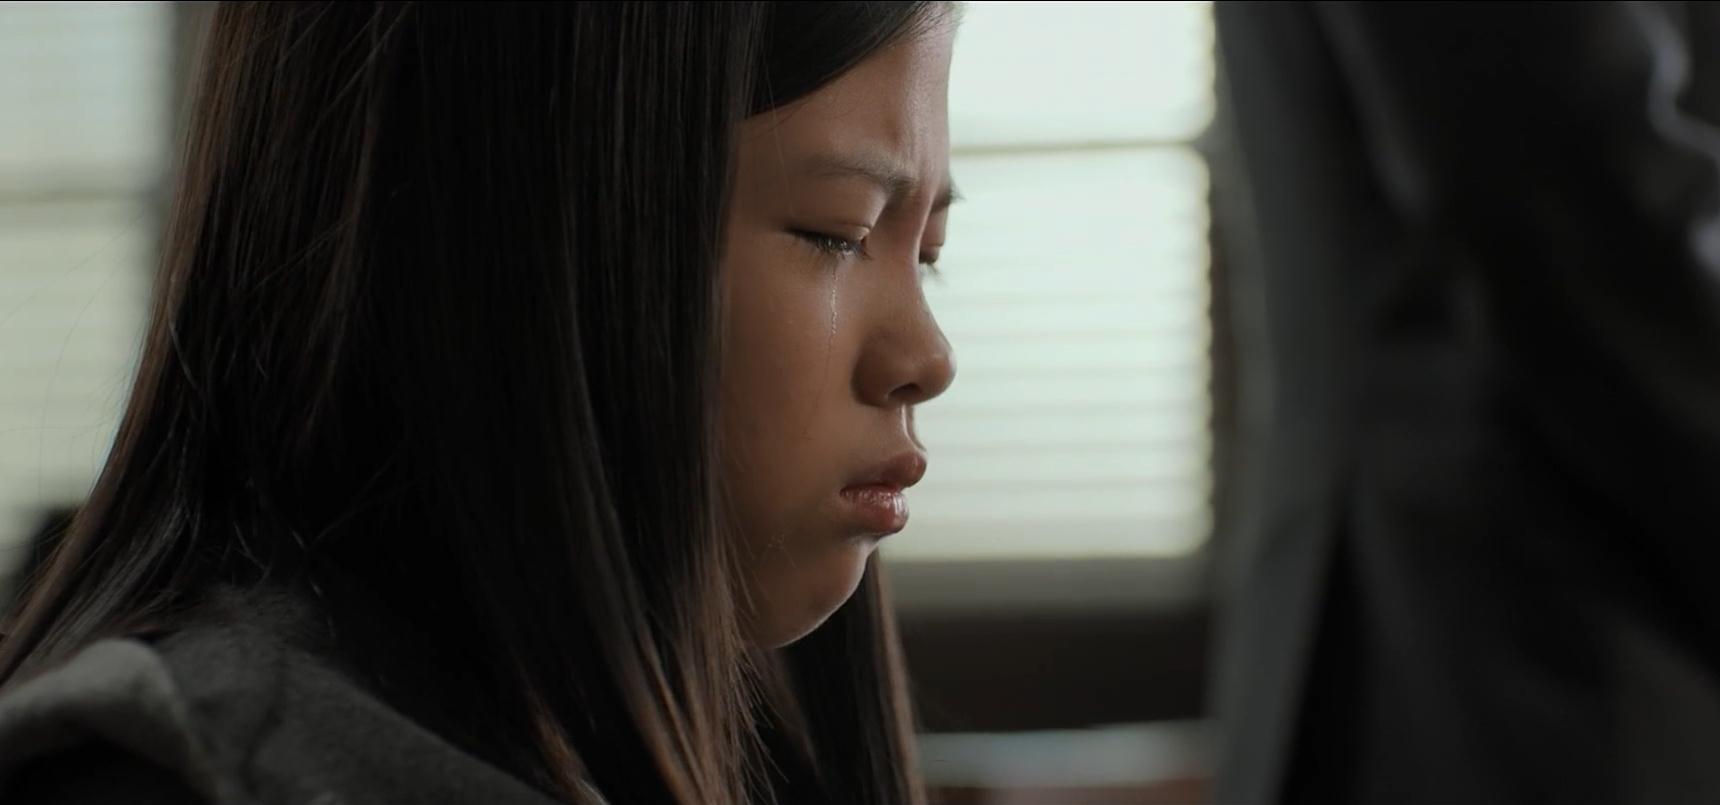 韩国电影《小委托人》不幸的人,一生都在治愈童年 (7)